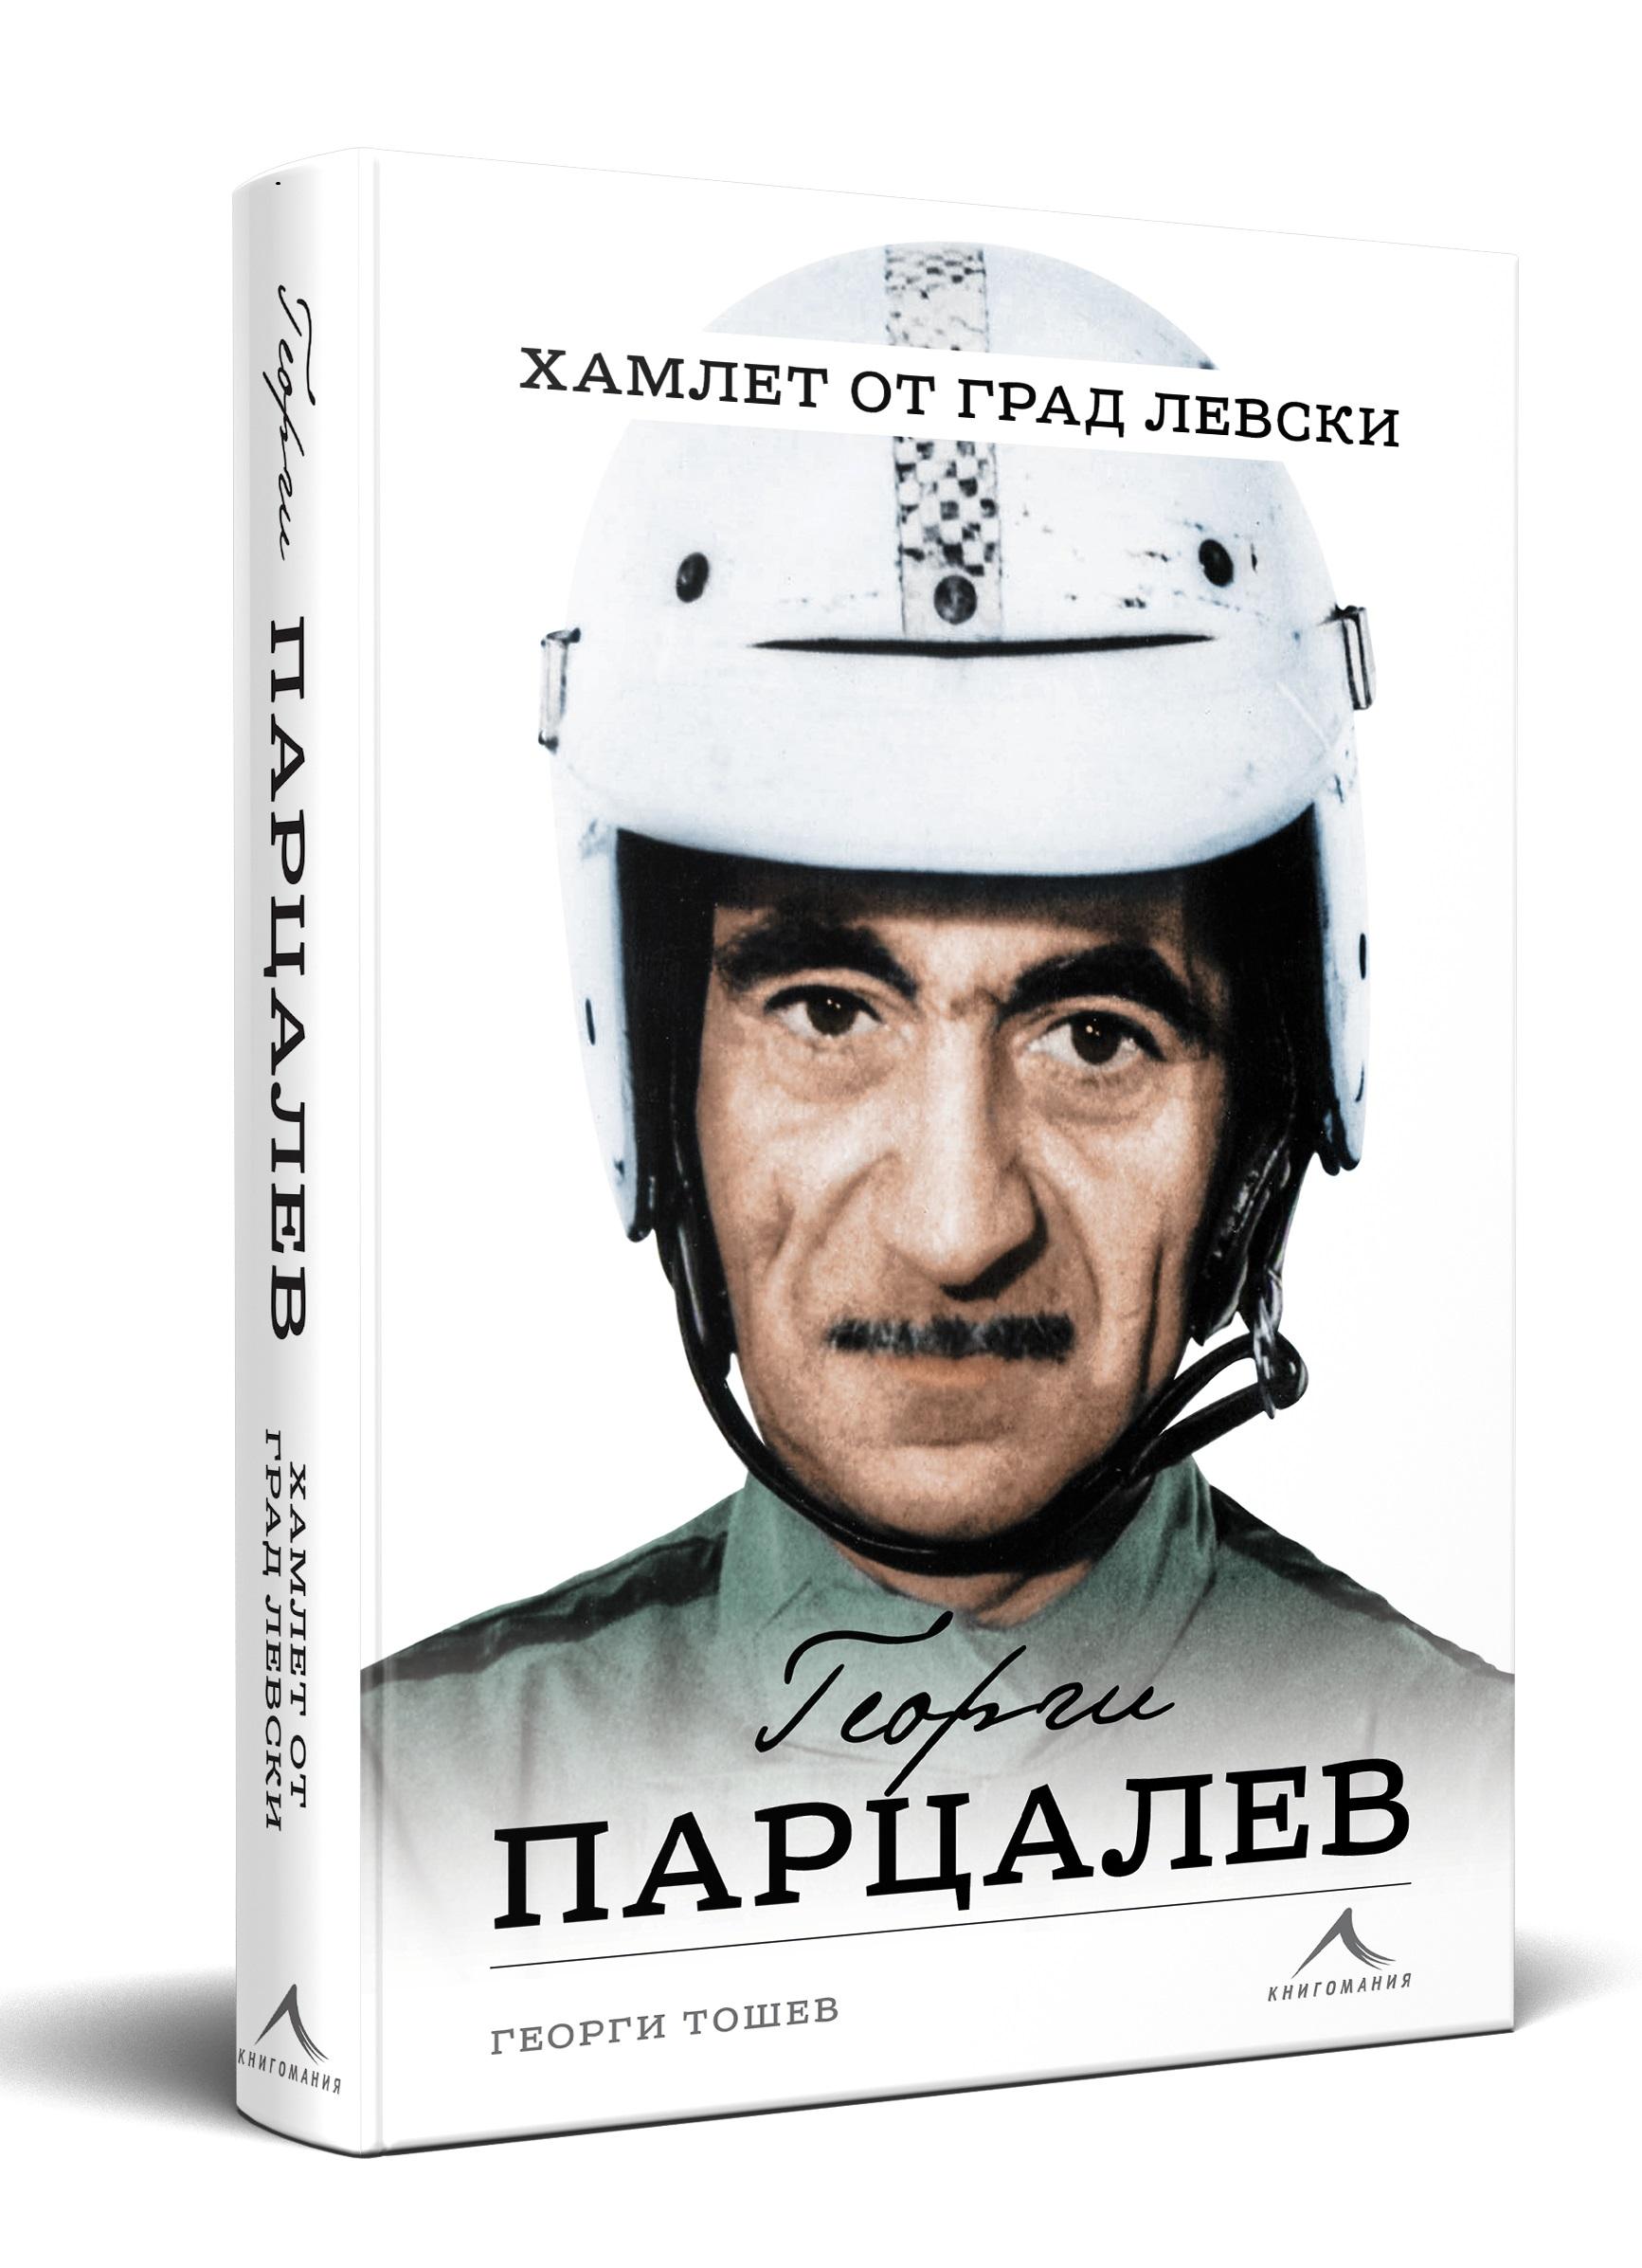 Книгомания и журналистът Георги Тошев издават биографична книга  за Георги Парцалев по случай 95-годишнината от рождението на актьора